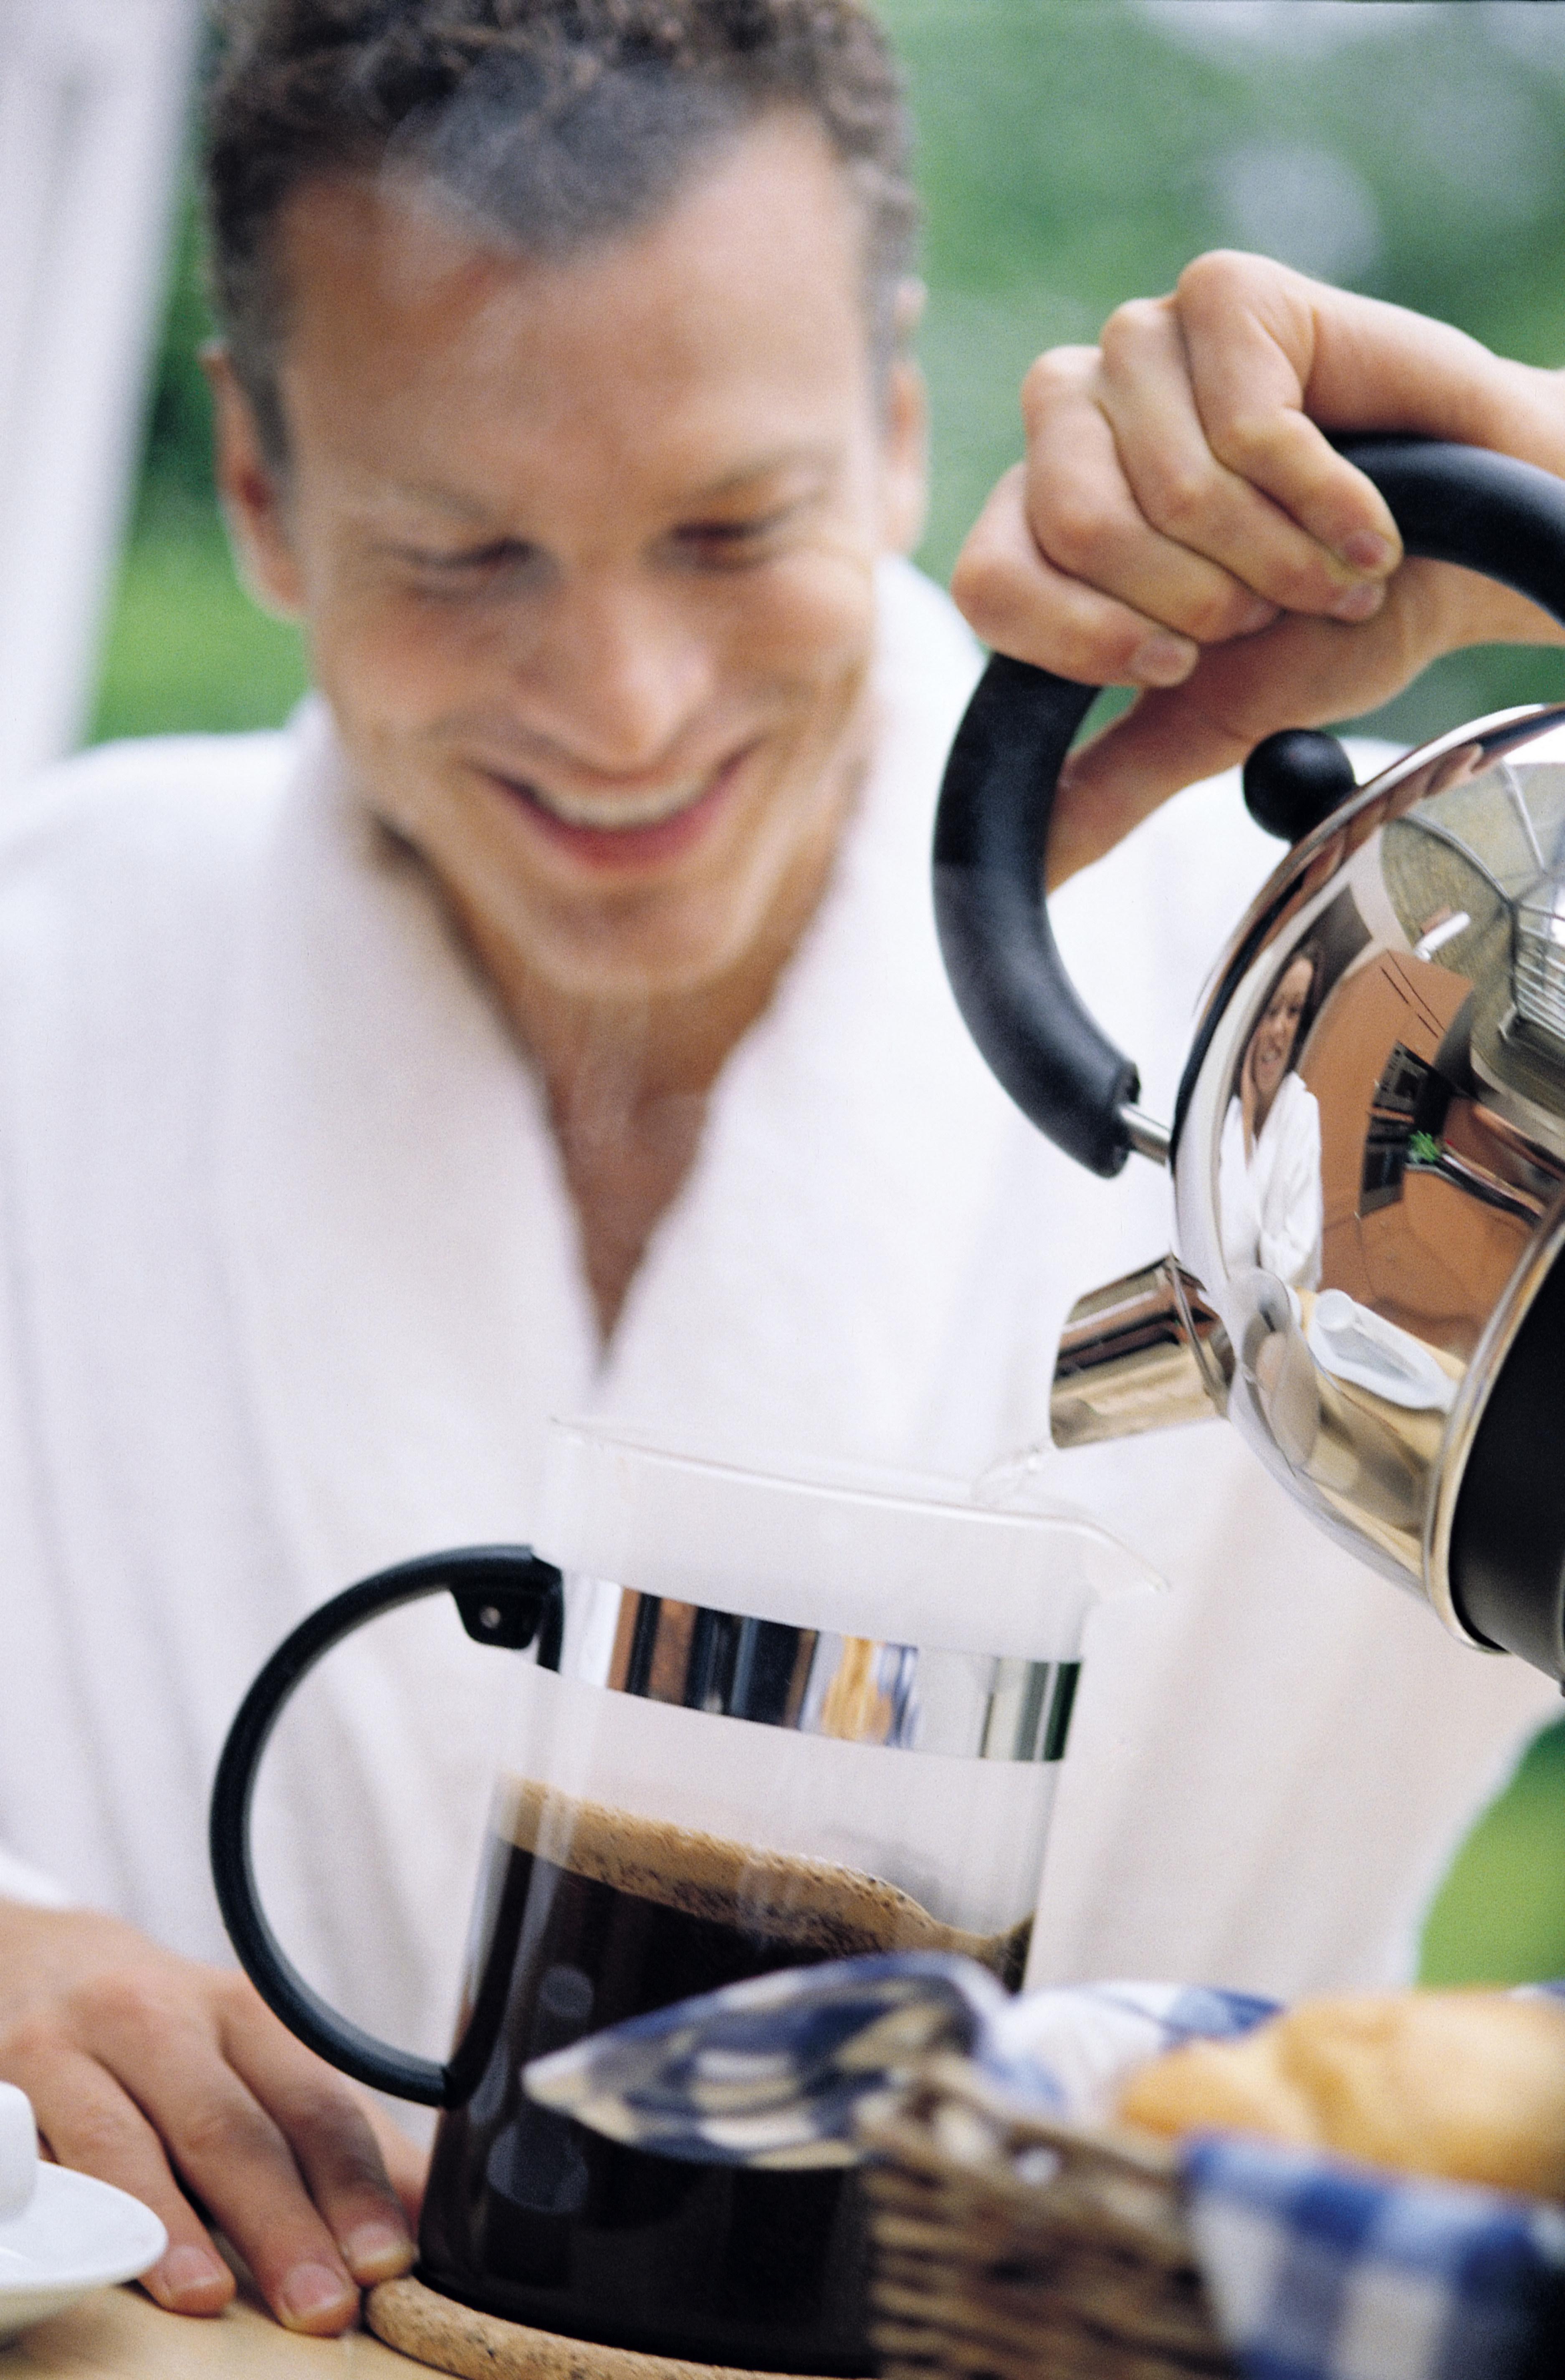 hur påverkar koffein kroppen